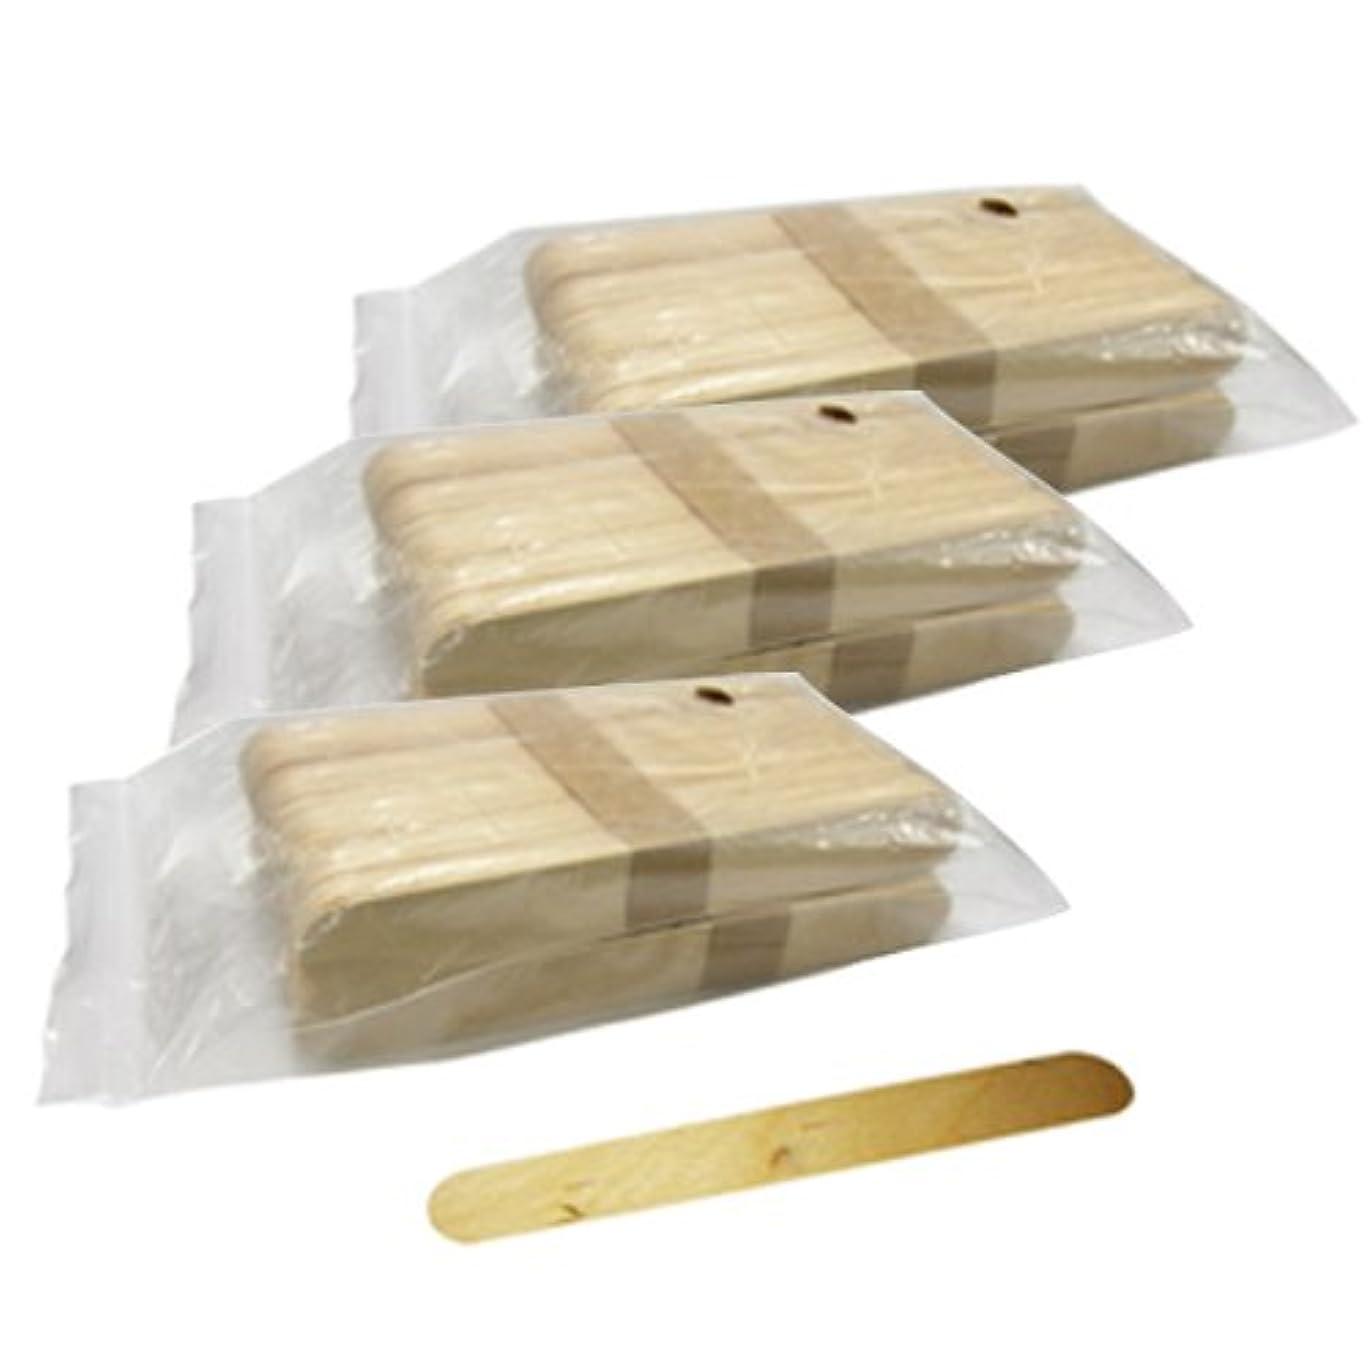 植物学者流暢いつも使い捨て【木ベラ/ウッドスパチュラ】(業務用100枚入り) × 3袋セット(計300枚)/WAX脱毛等や舌厚子にも …